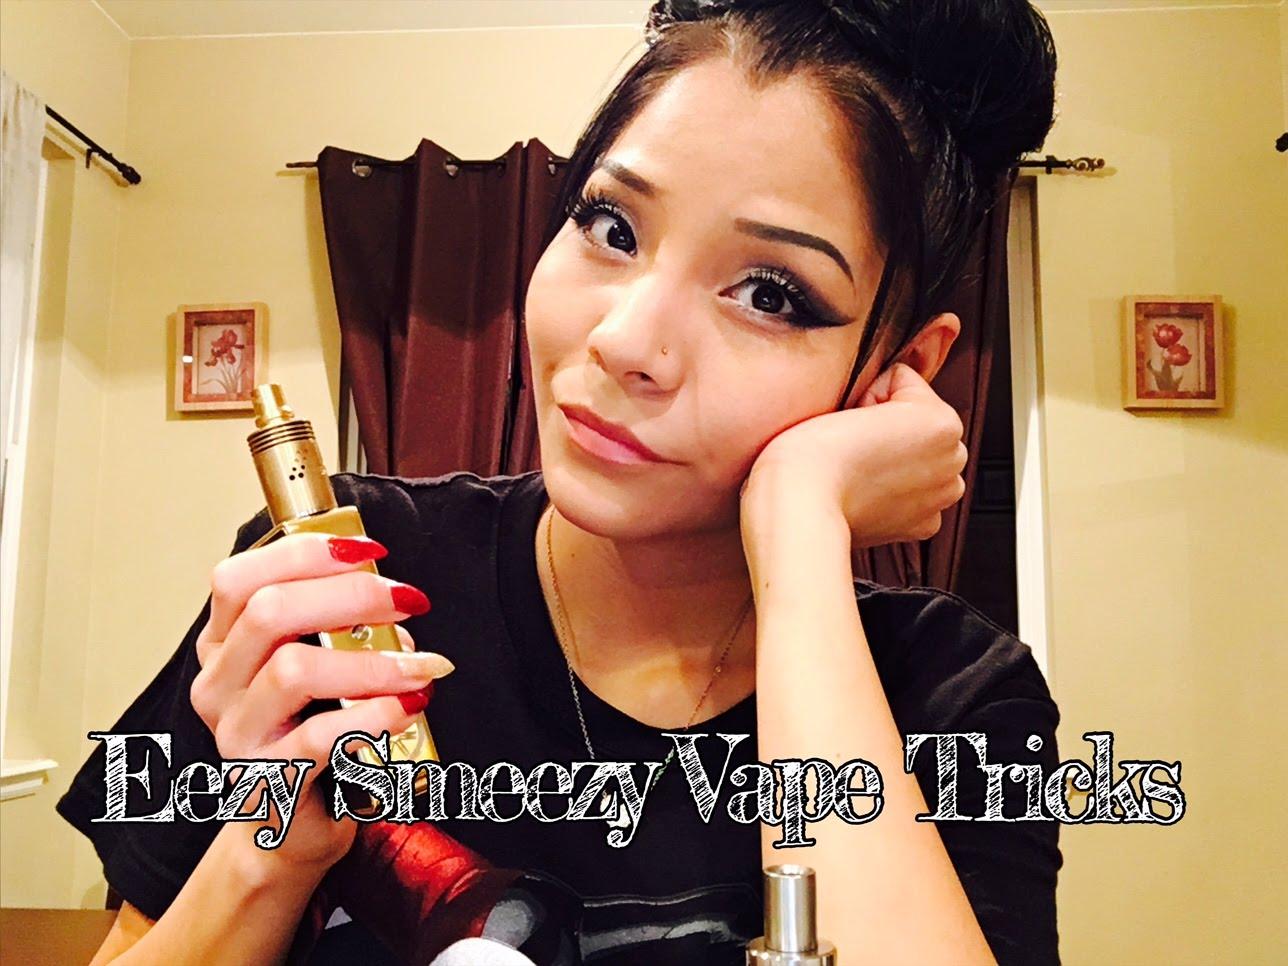 Eezy Smeezy Vape Tricks